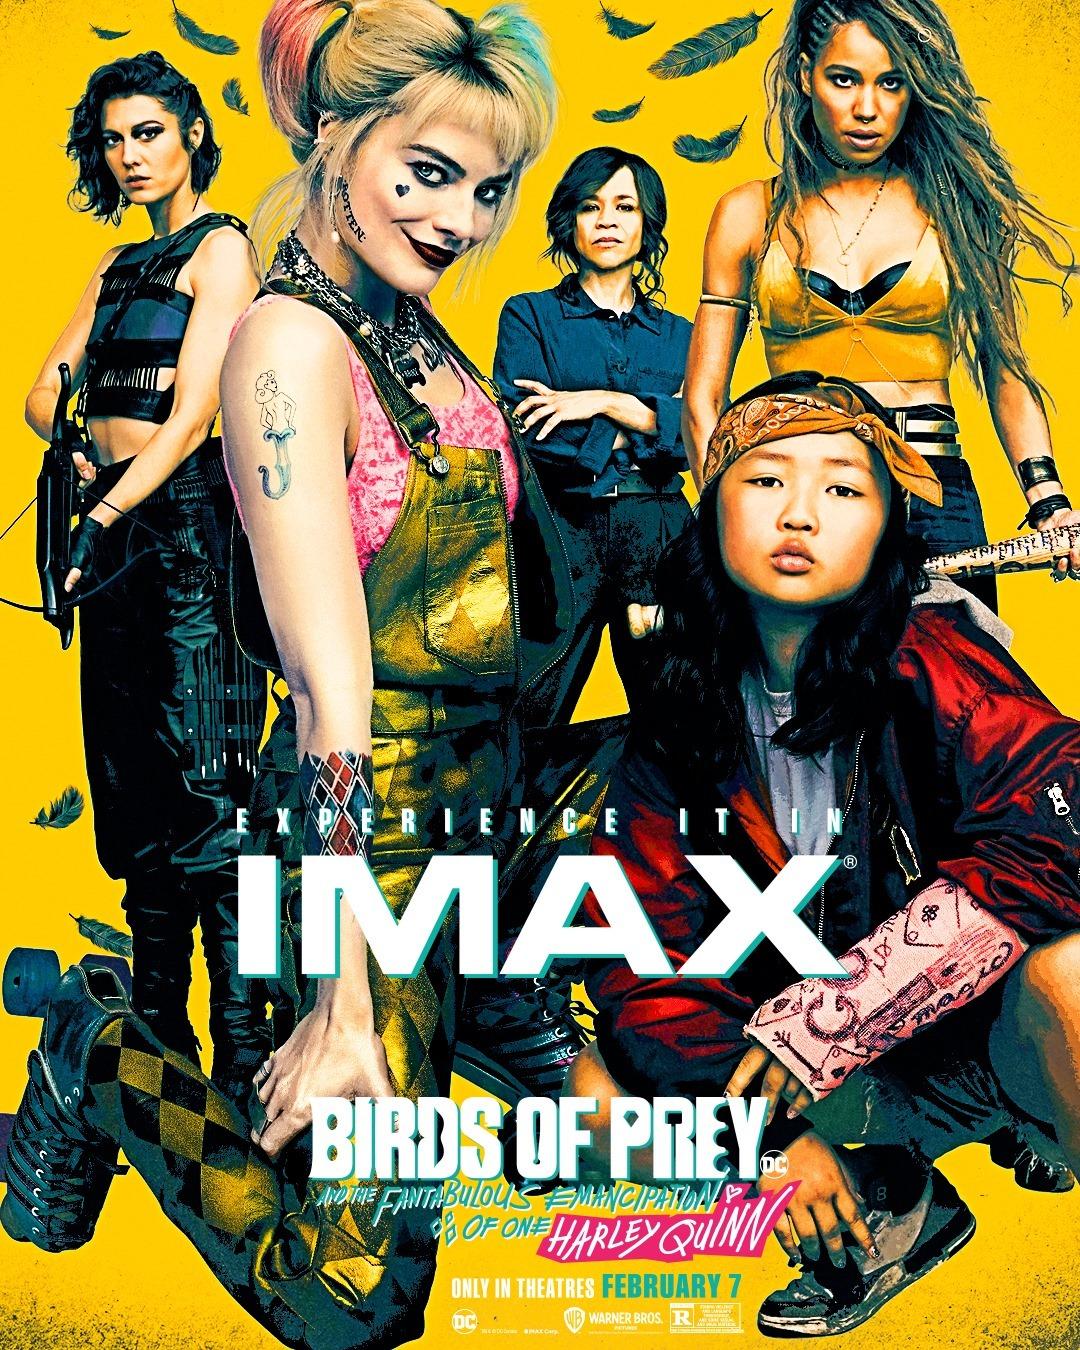 Harley Quinn Film -Birds of Prey